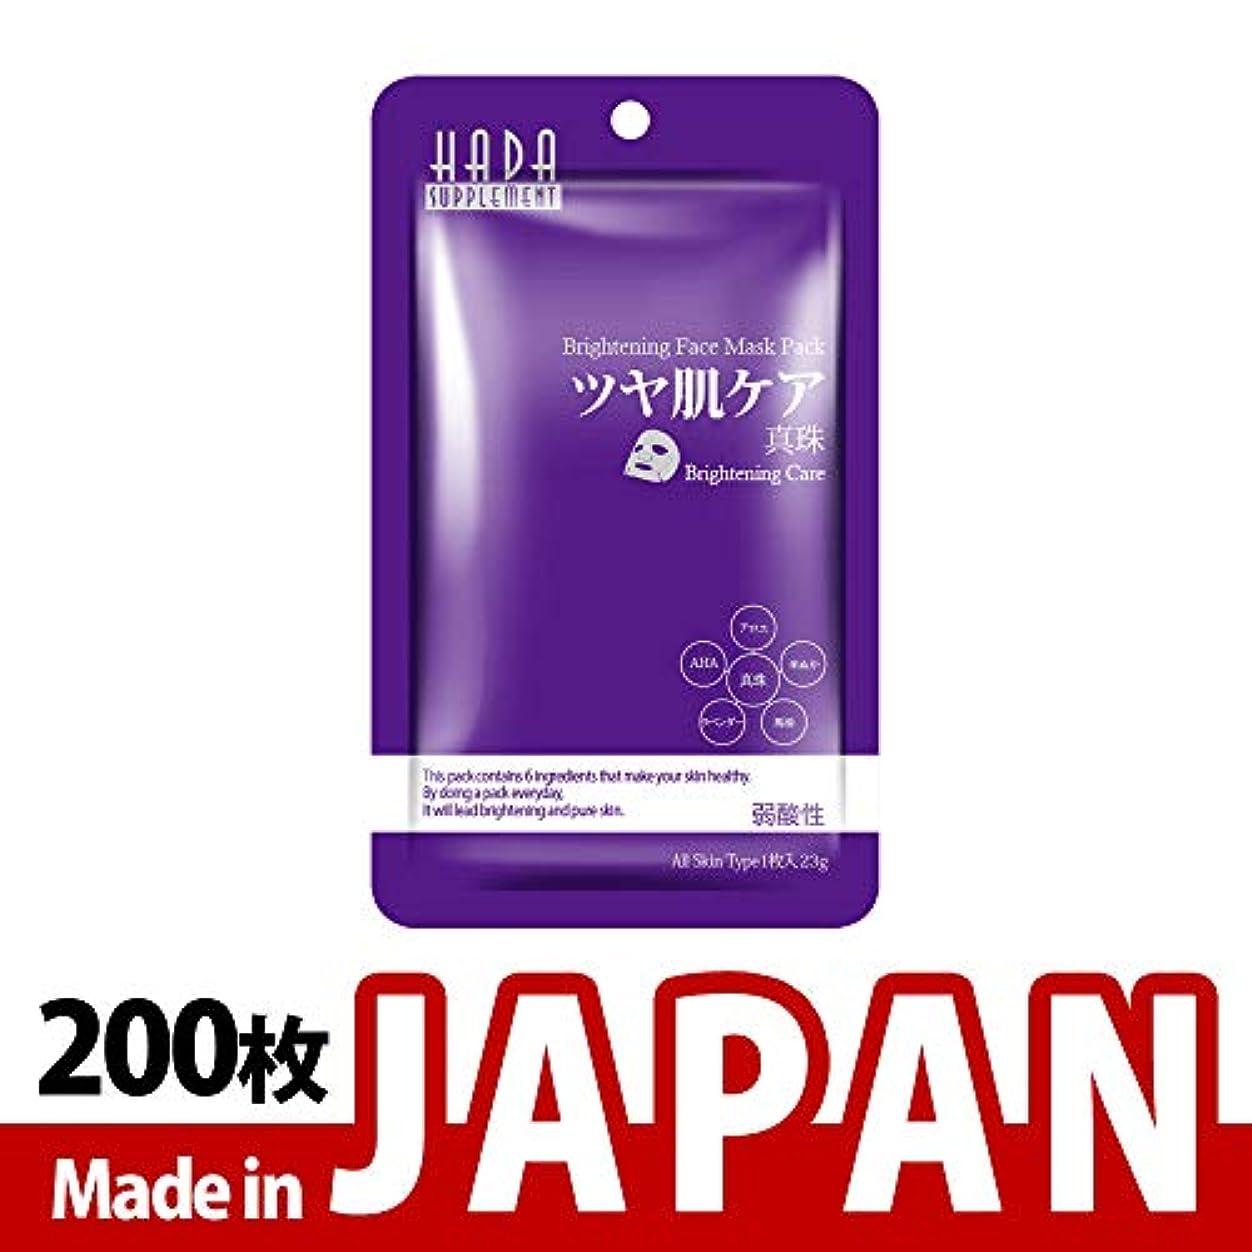 通常剥離締め切り【HS001-A-2】シートマスク/10枚入り/200枚/美容液/マスクパック/送料無料